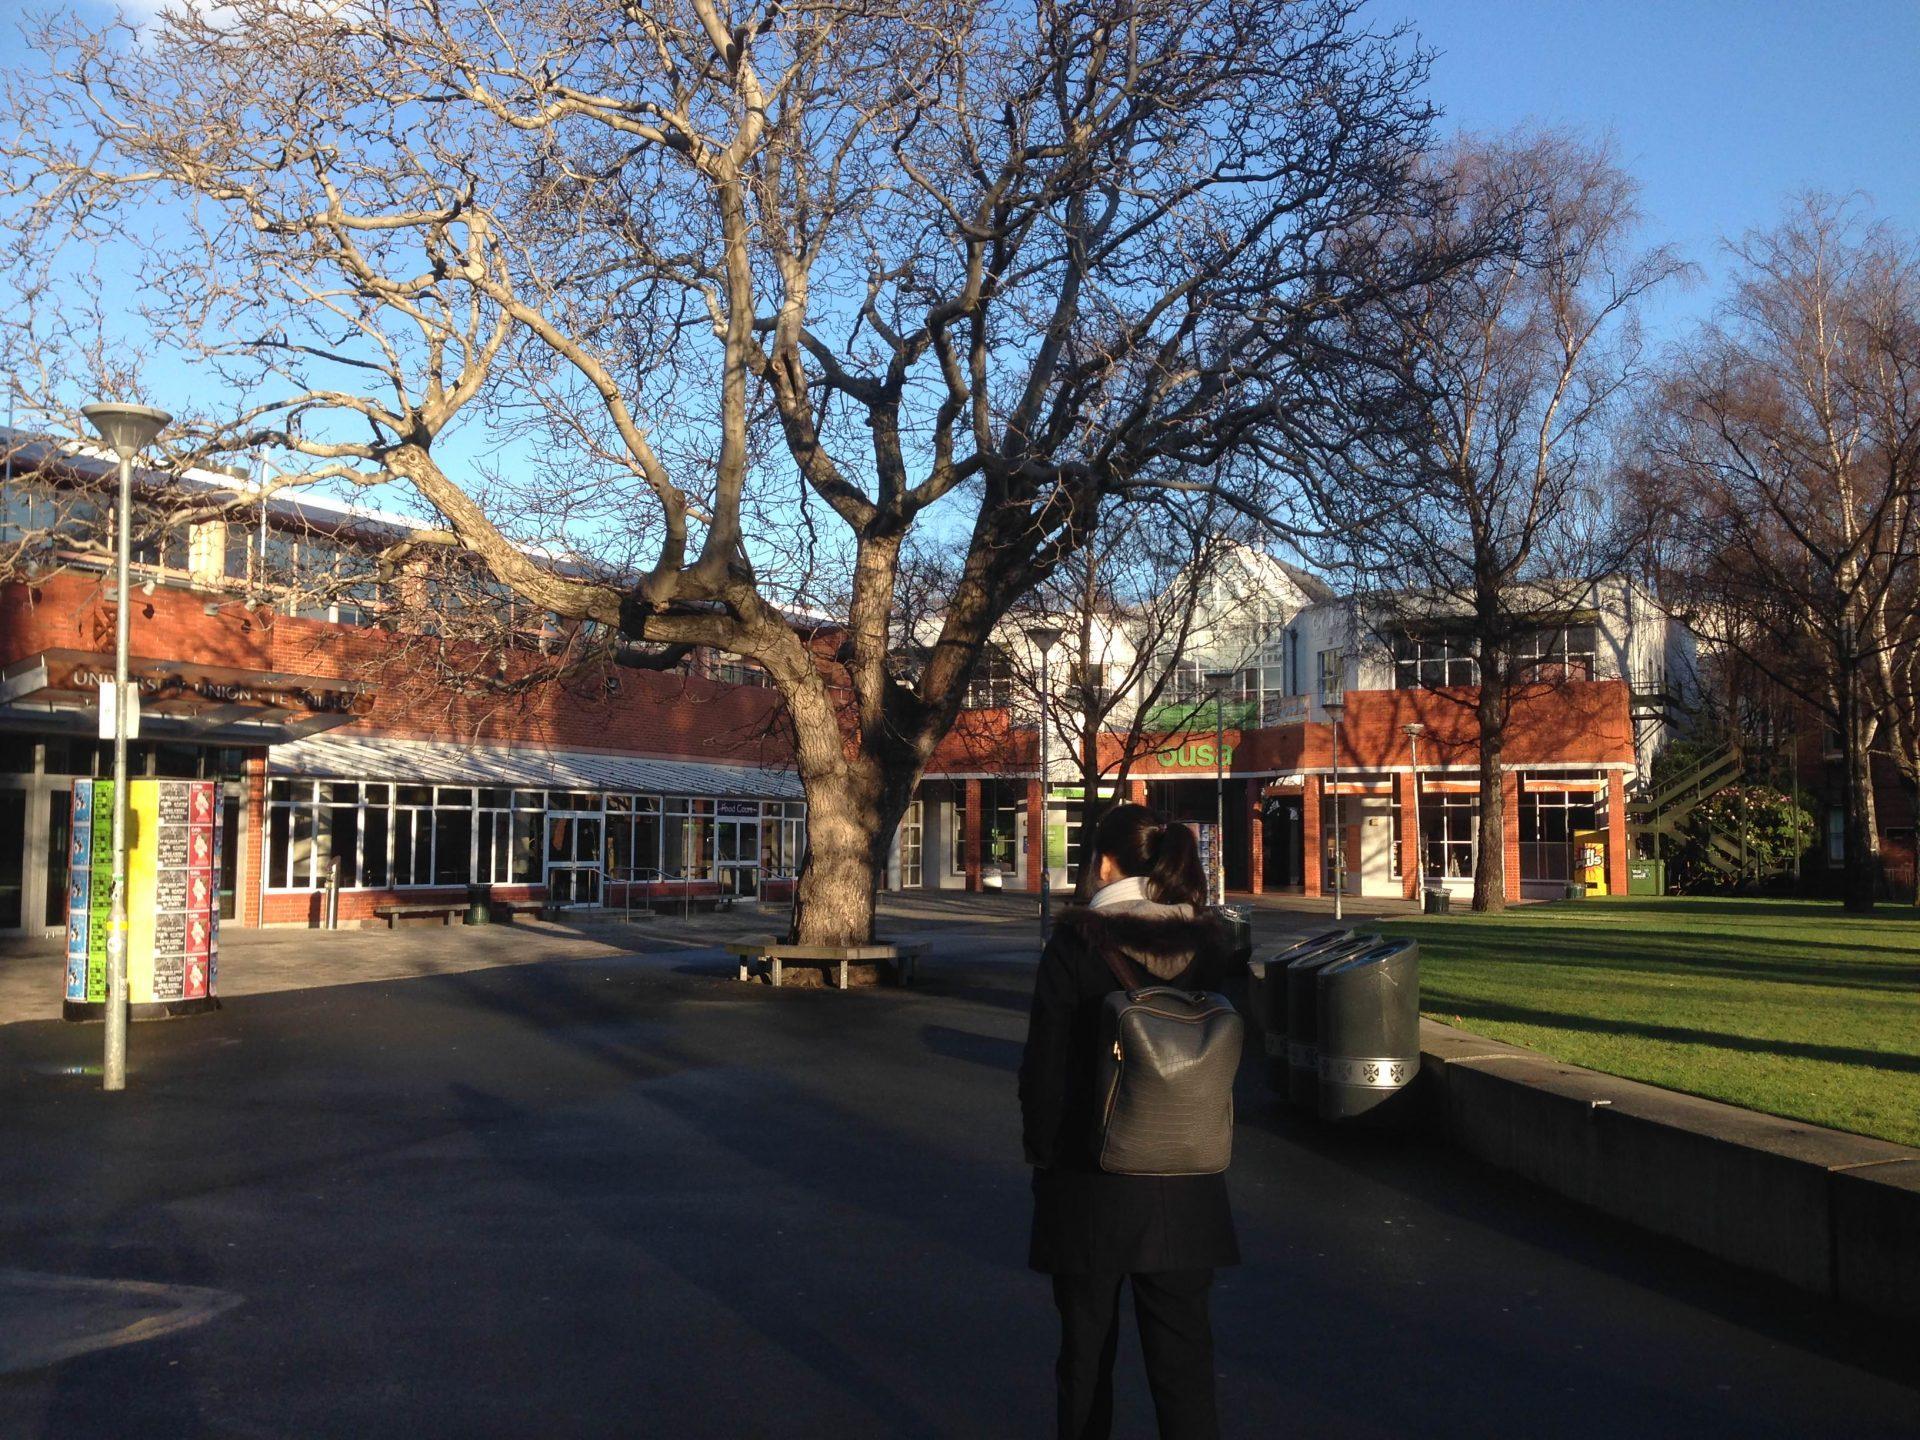 life-dunedin-newzealand-dentistry-thebroadlife-travel